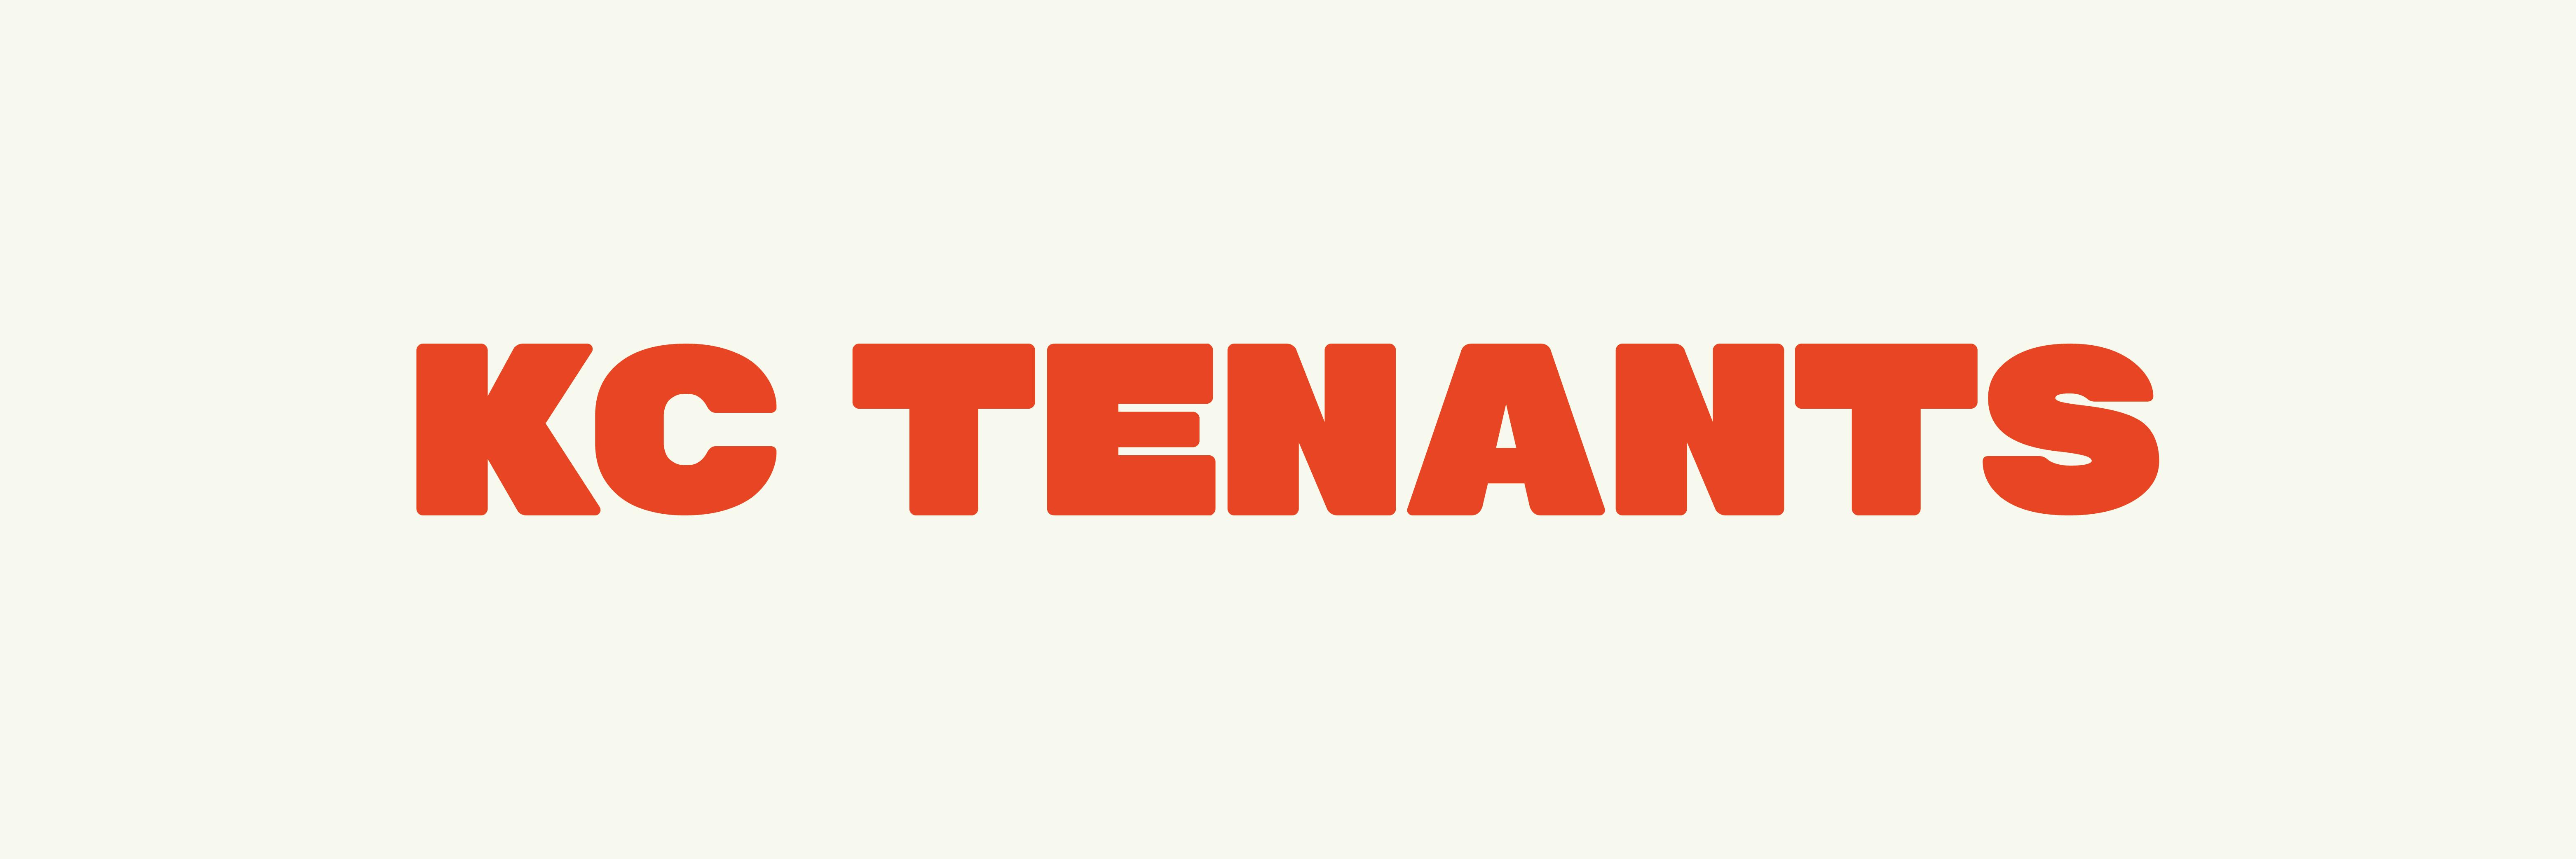 Kctenants_banner_twitter